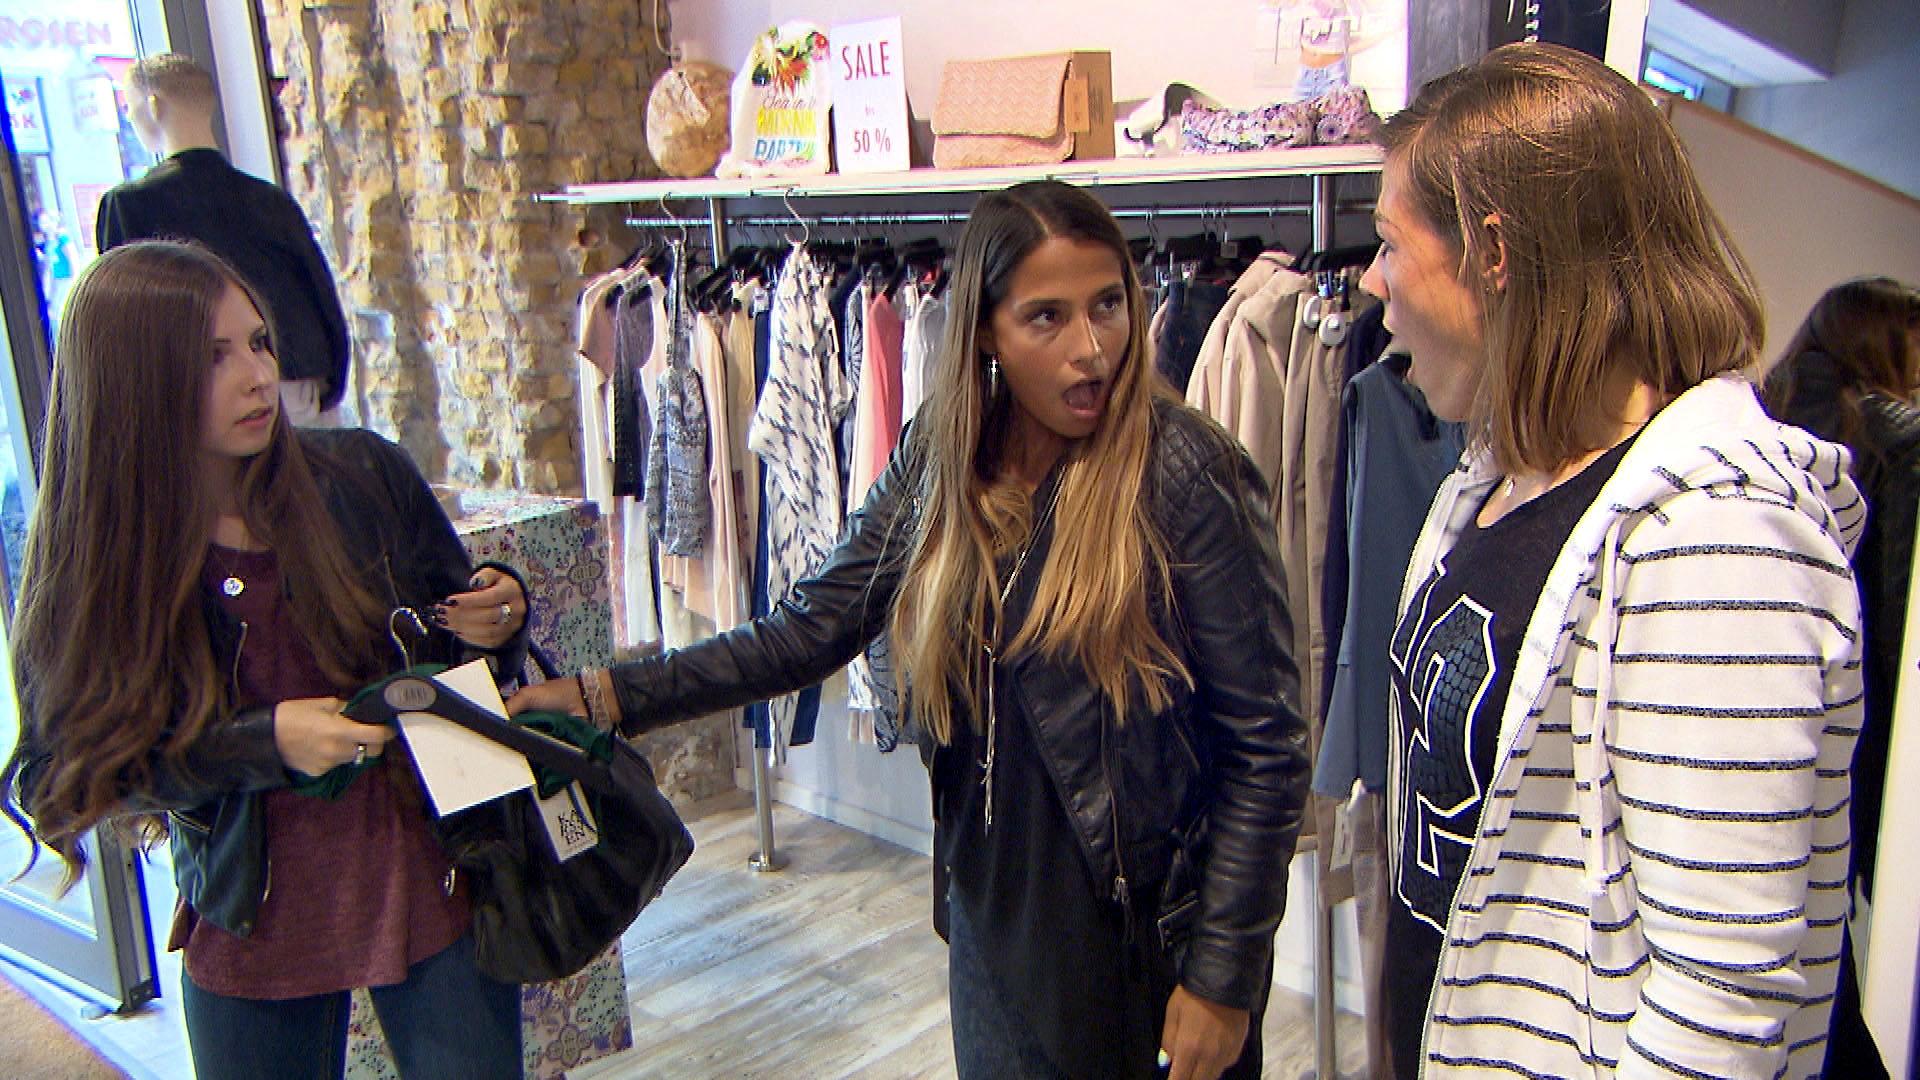 Alina (re.) steht eigentlich nicht auf Shopping. Sie hat aber unerwartet viel Spaß mit Alessia (mi.) und gibt die Heldin, als sie ein verloren geglaubtes Kleid für Alessia zurückerobert. (li. eine Kundin) (Quelle: RTL 2)